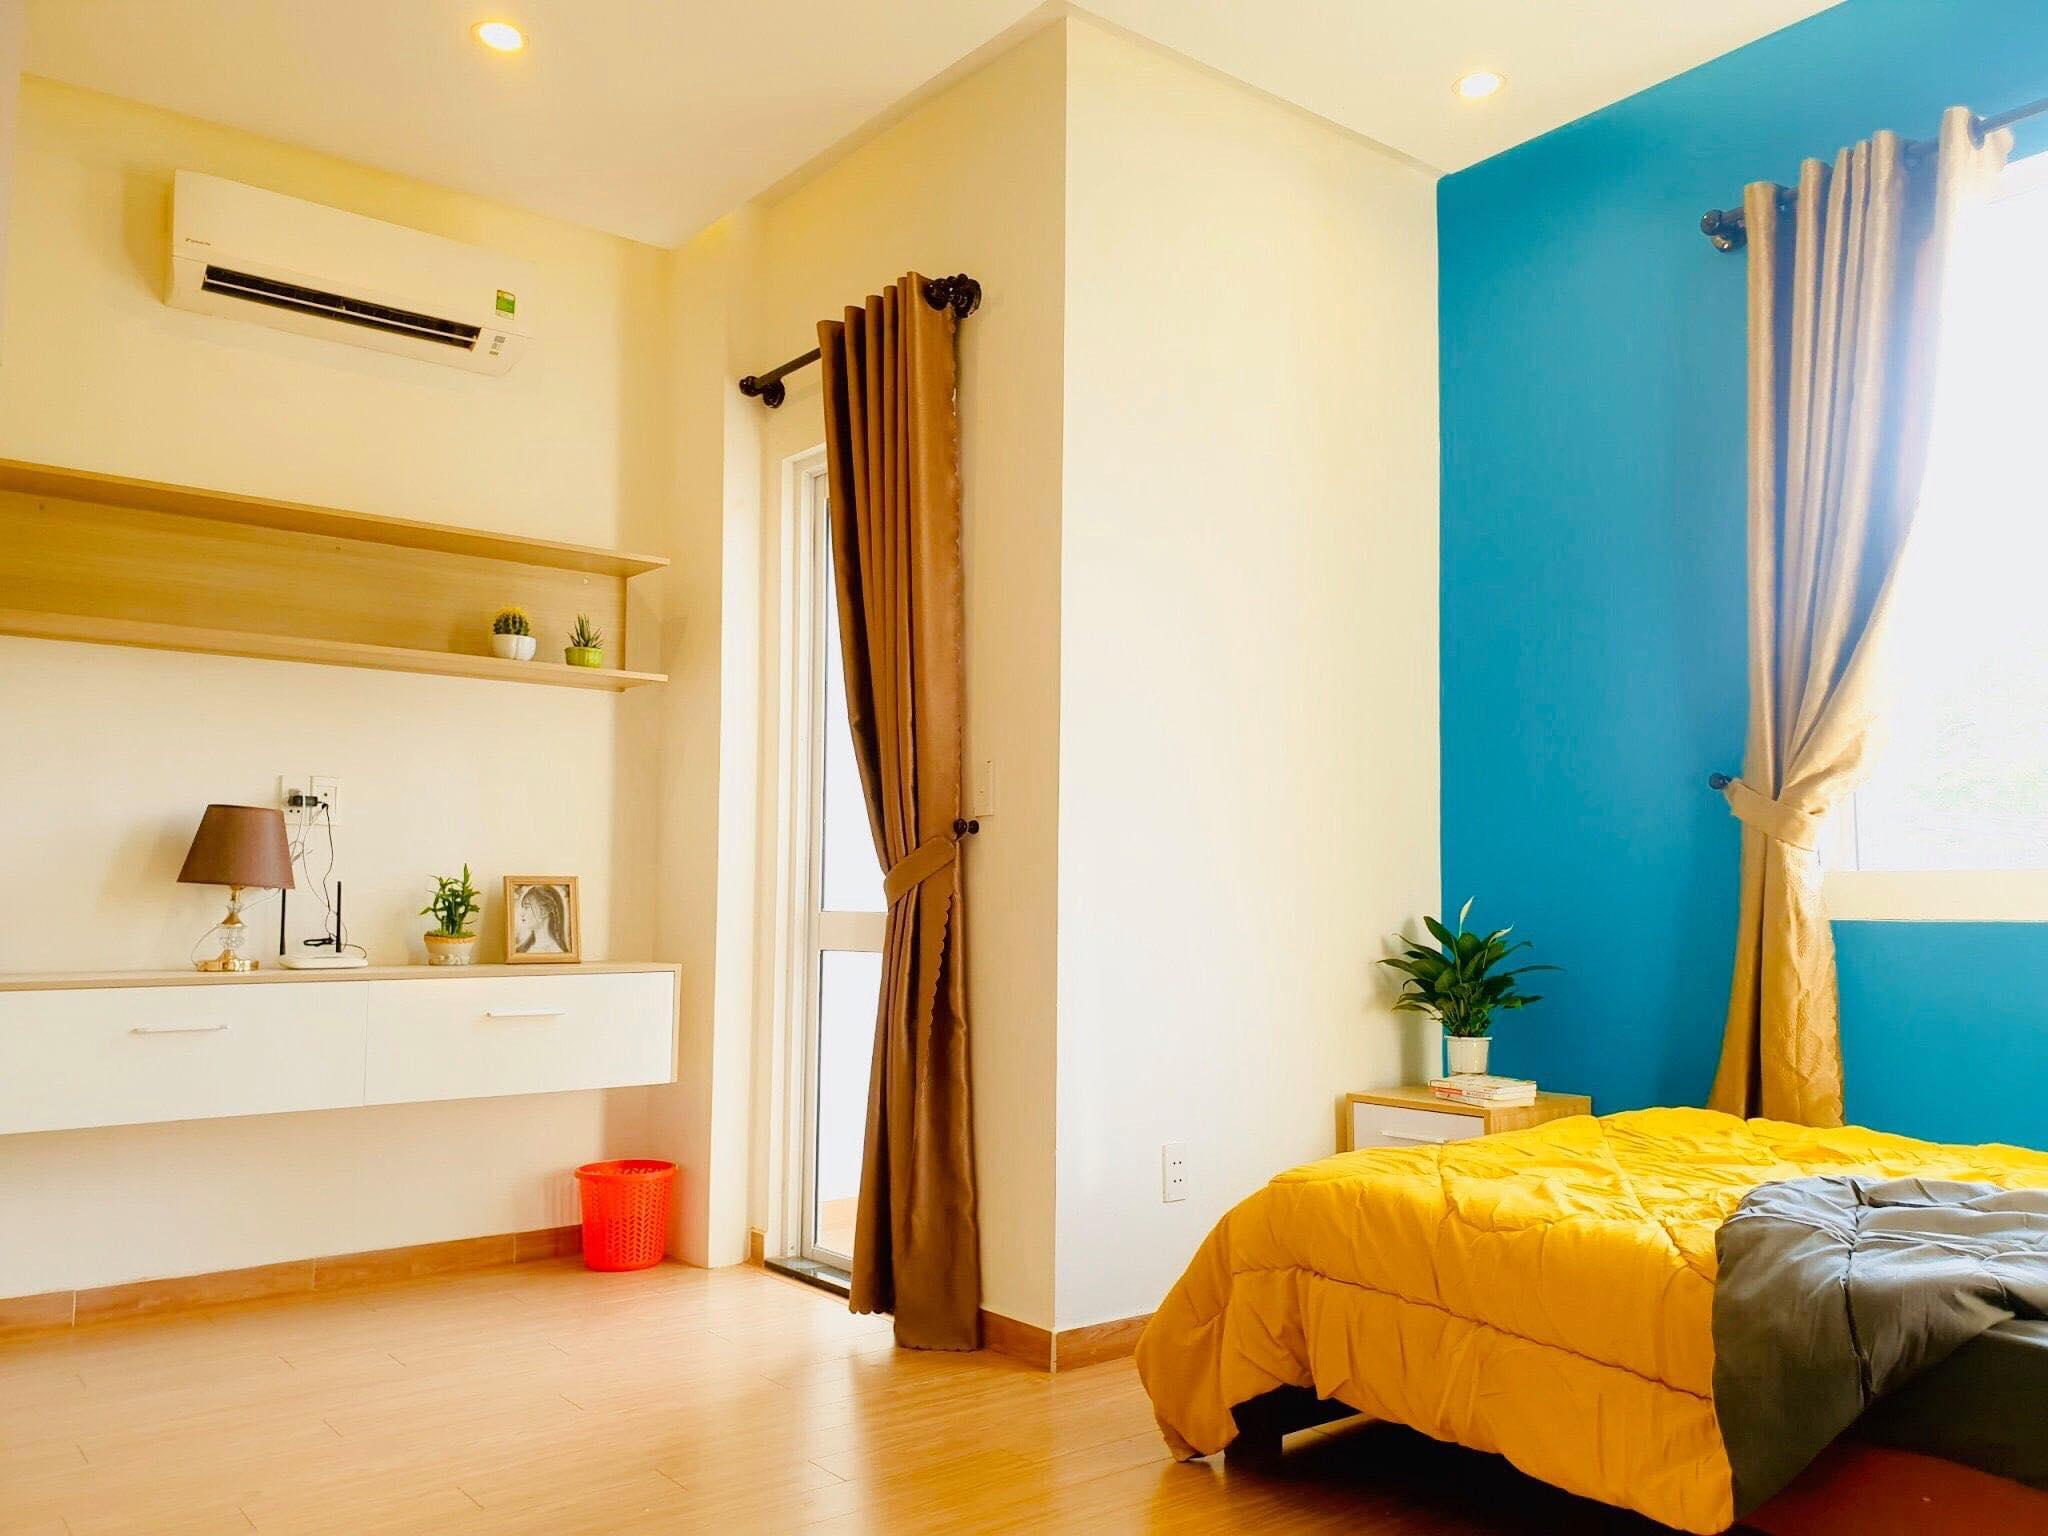 Cho thuê phòng trọ biệt lập, full nội thất - Phòng trọ Đà Nẵng